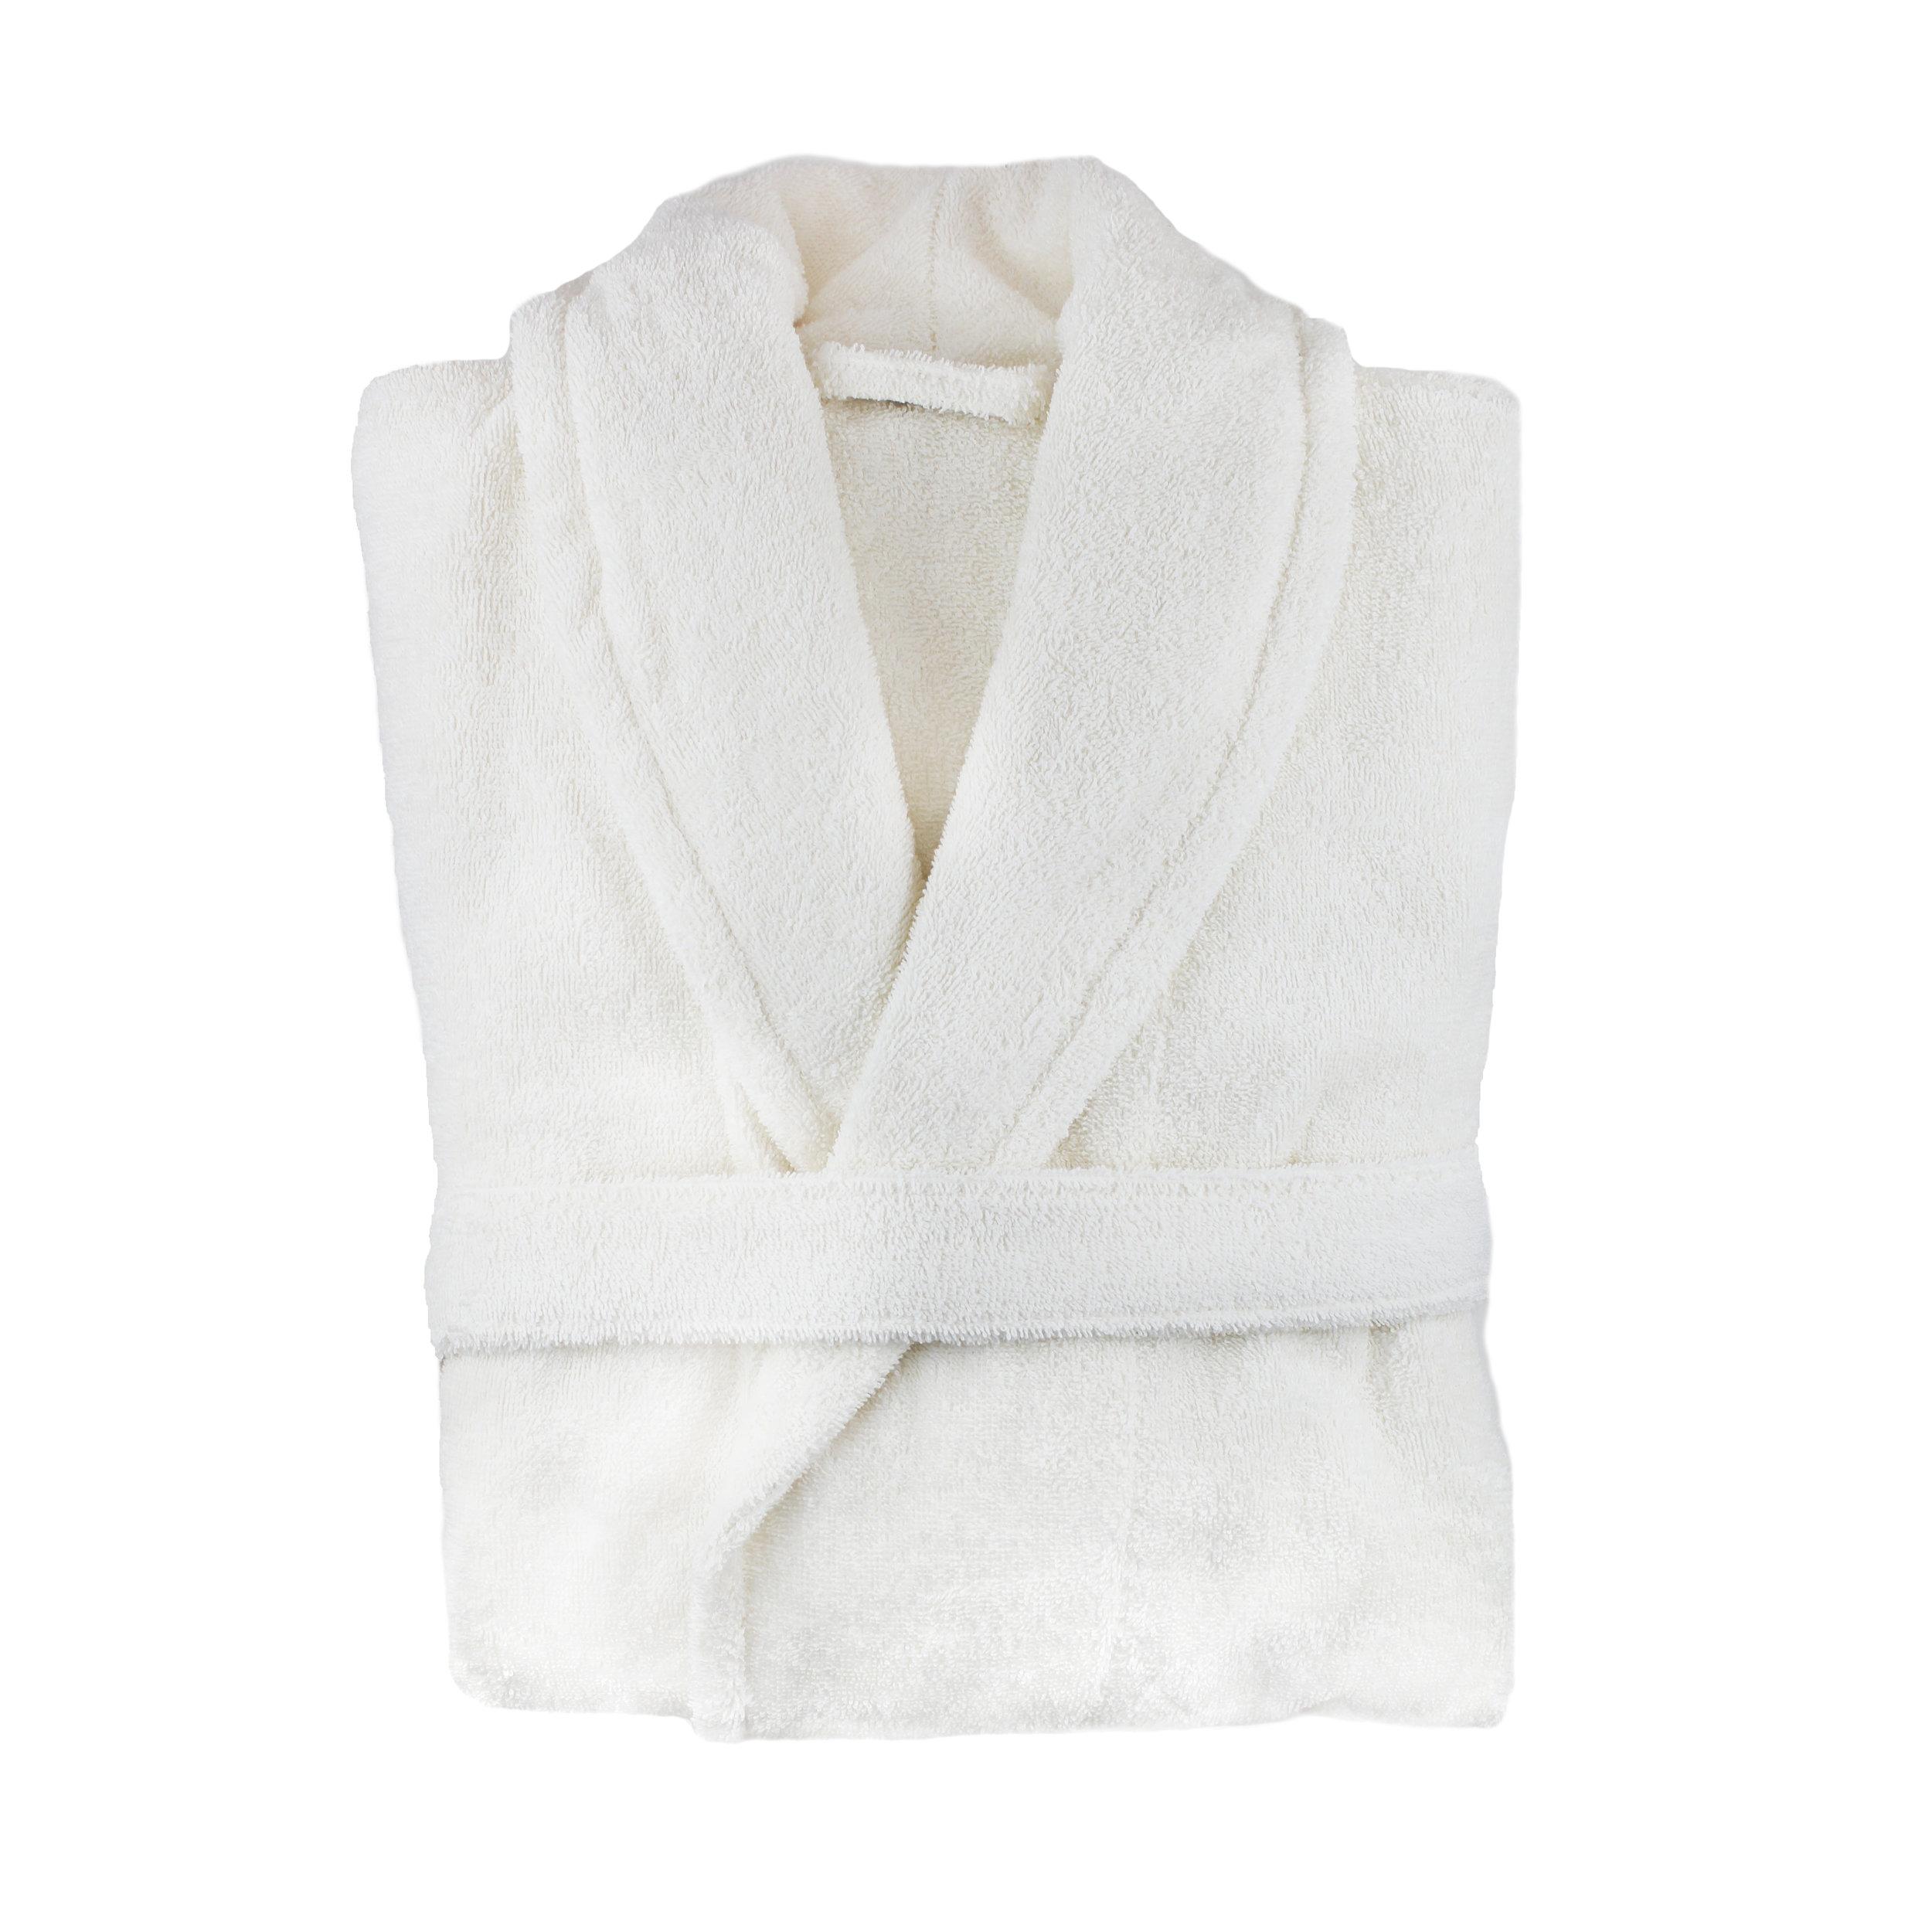 Turkish Bath Robe_White.jpg